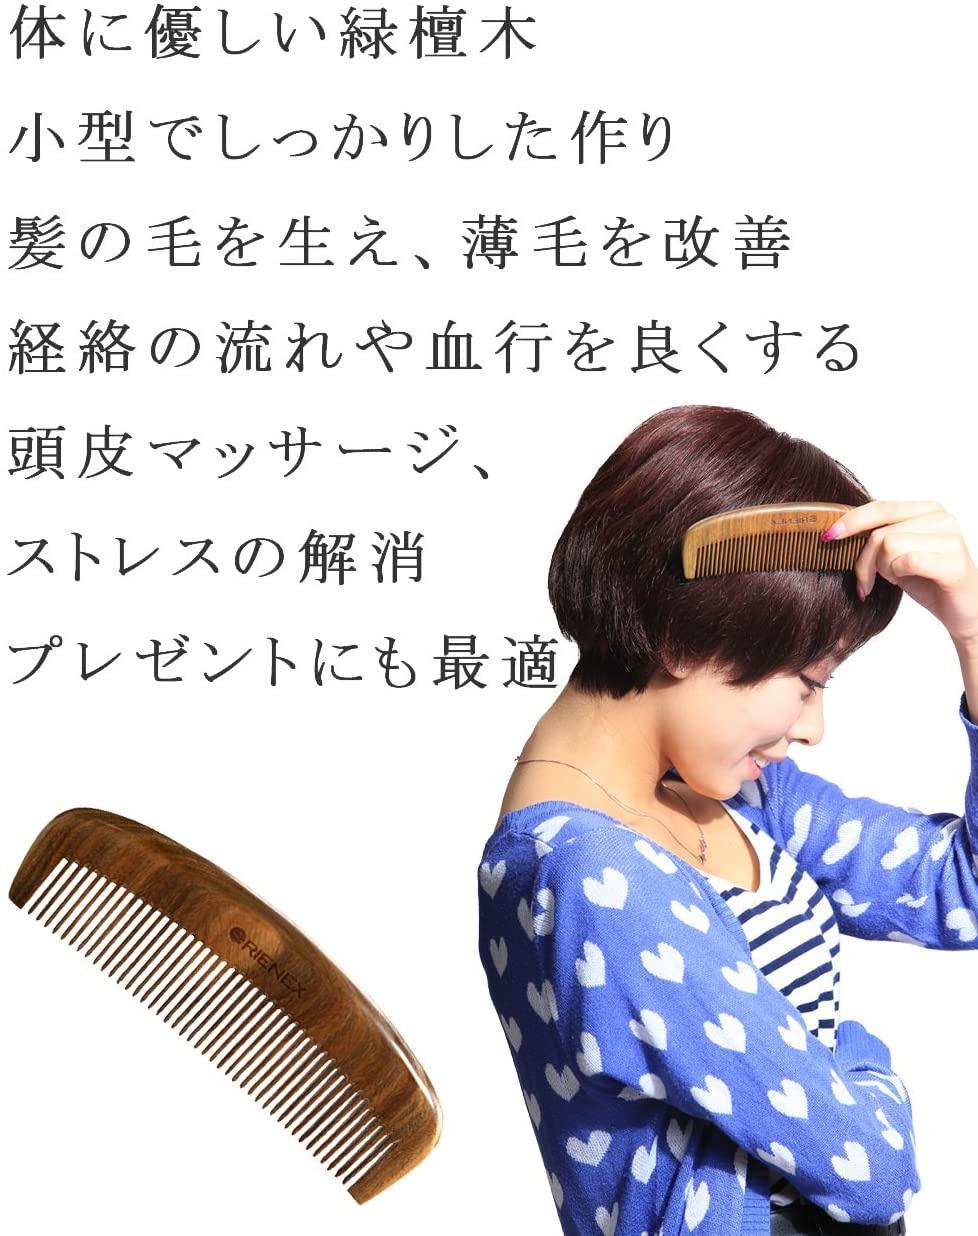 ORIENEX(オリエンネックス) つげ櫛の商品画像7